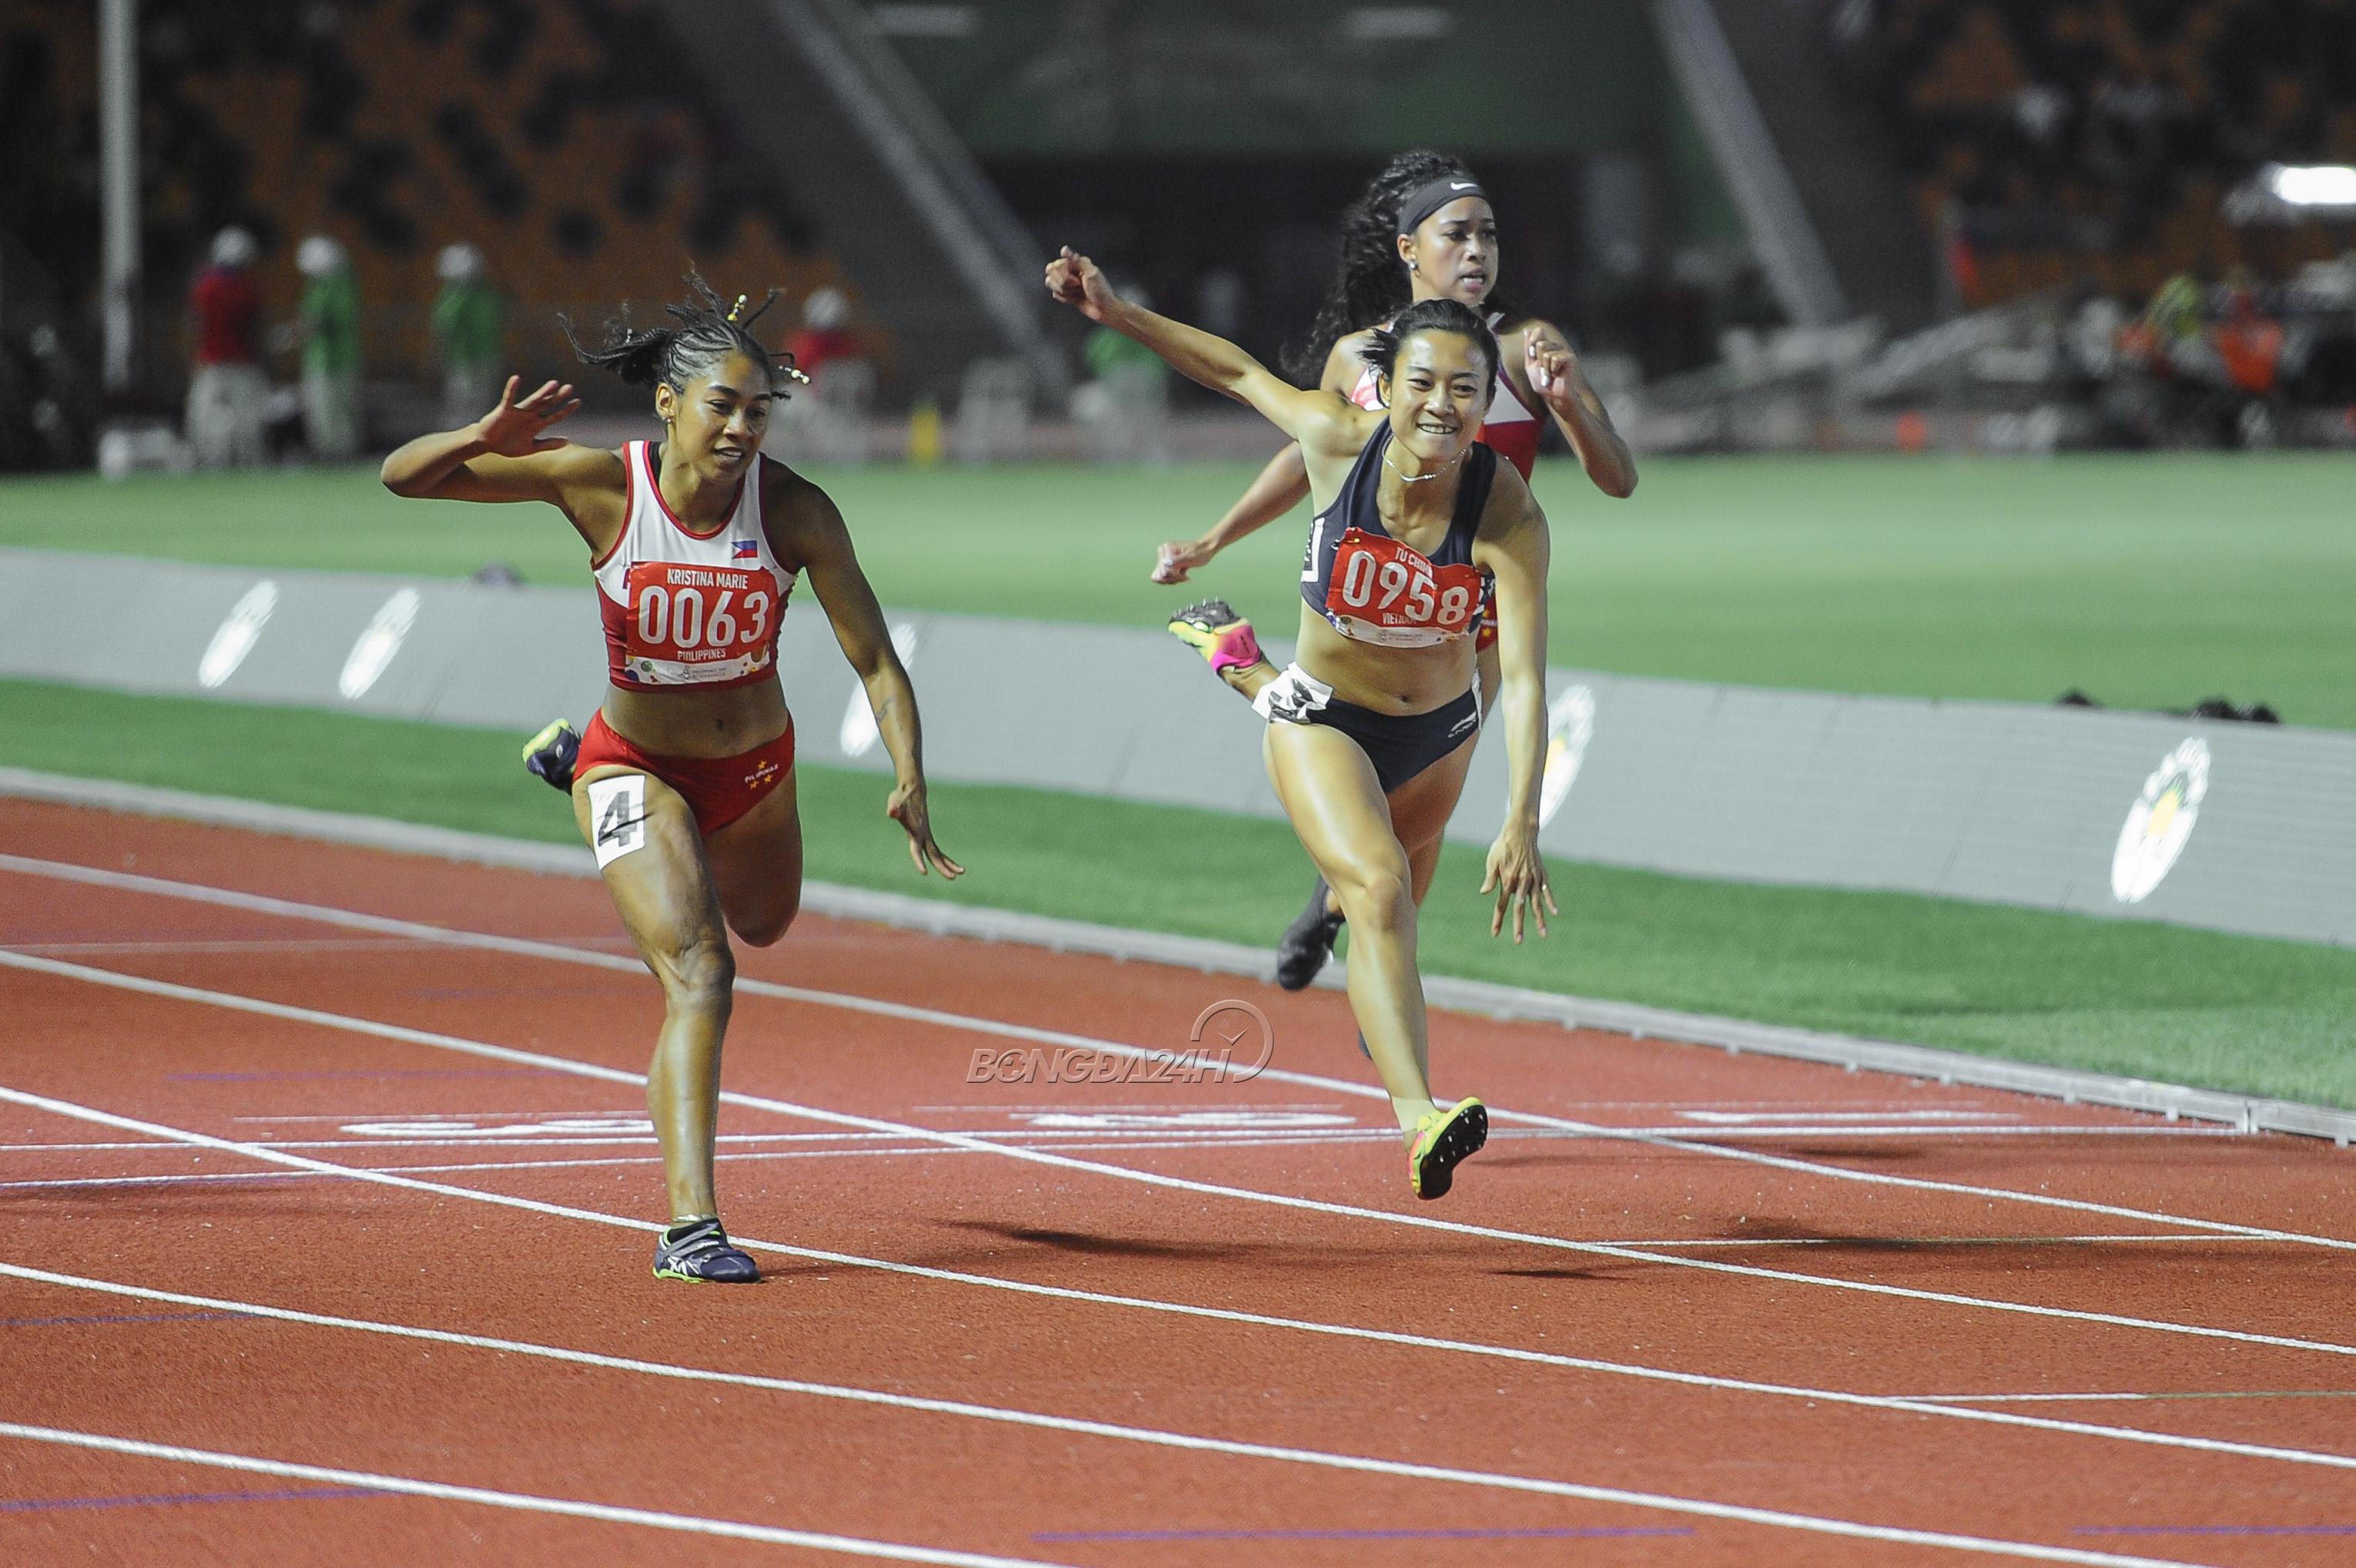 Le Tu Chinh danh bai Kristine Knott o cu ly 100m nu